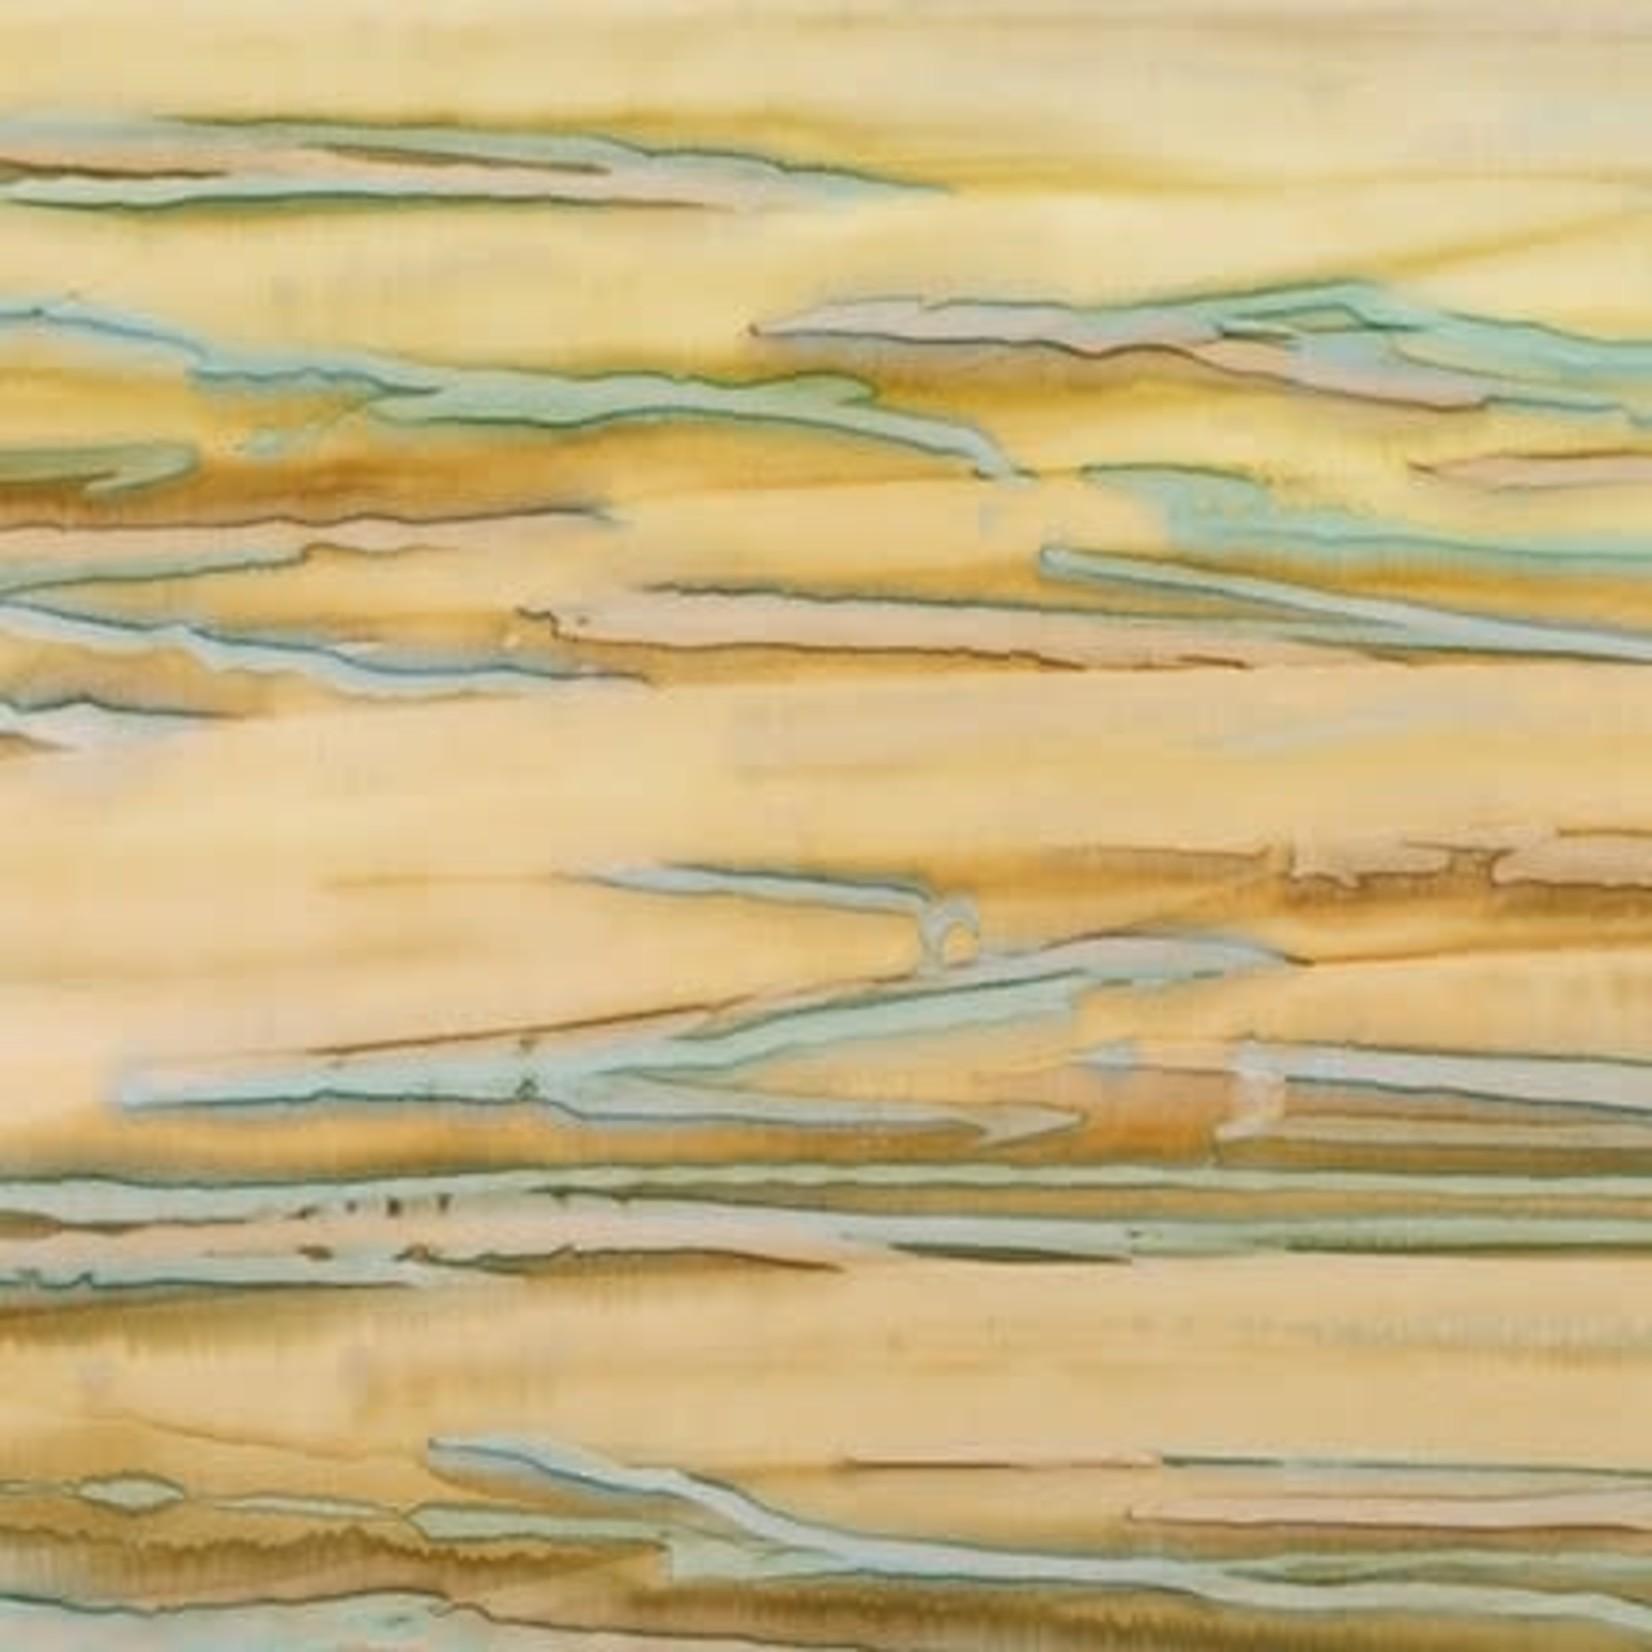 Robert Kaufman ARTISANS BATIKS, PATINA HAND PAINTS, SAND, 20068-153 Per Cm or $20/m